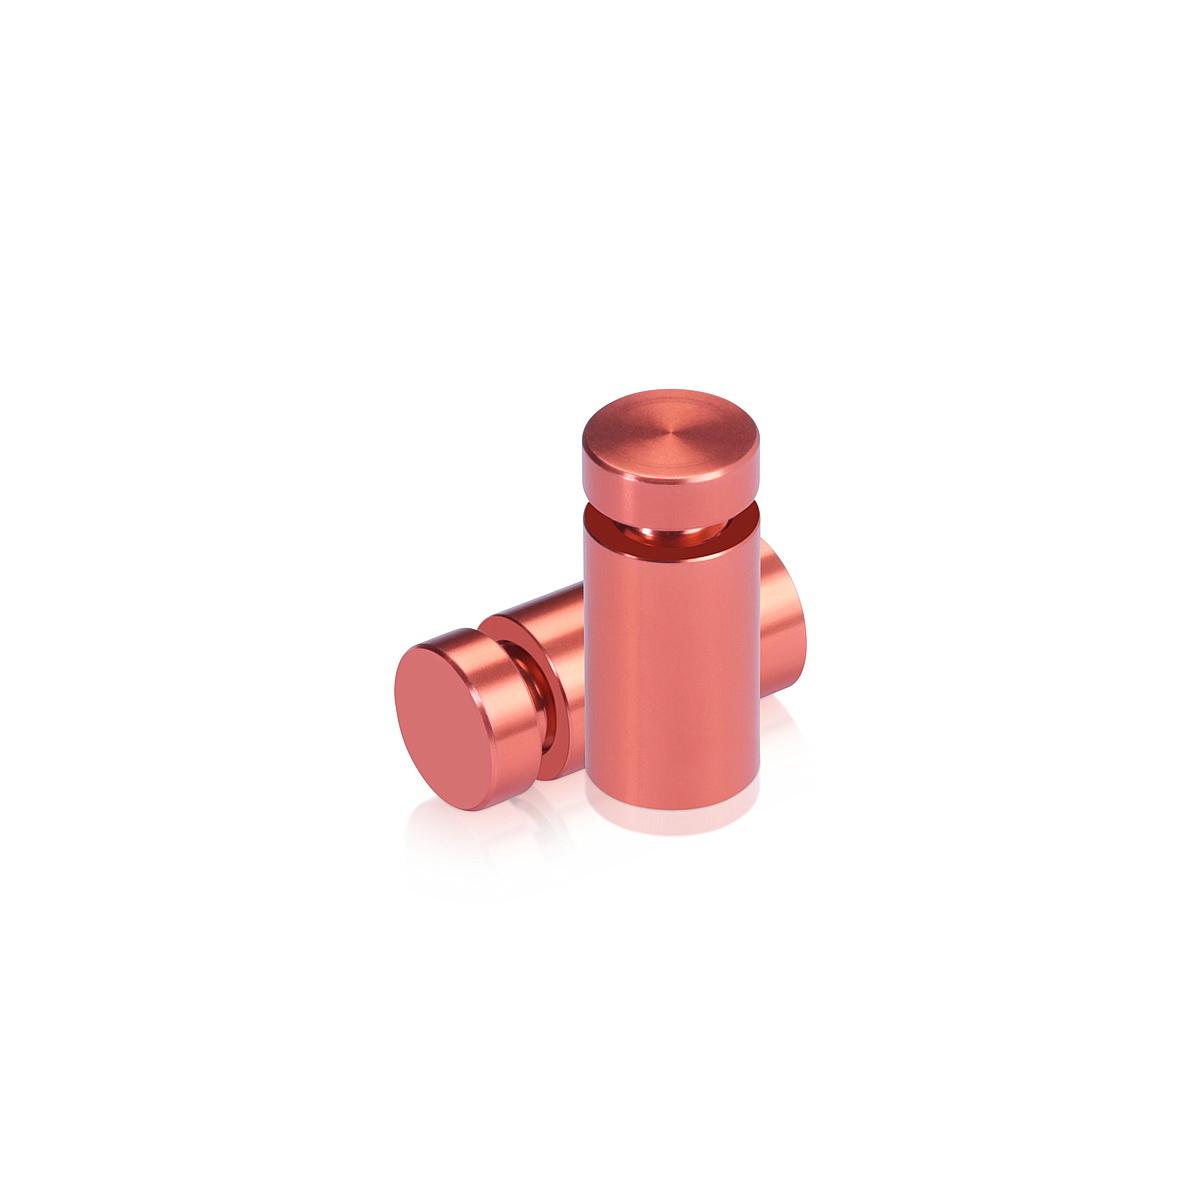 affordable aluminum standoffs diameter 1 2 standoff 3 4 rh mbs standoffs com